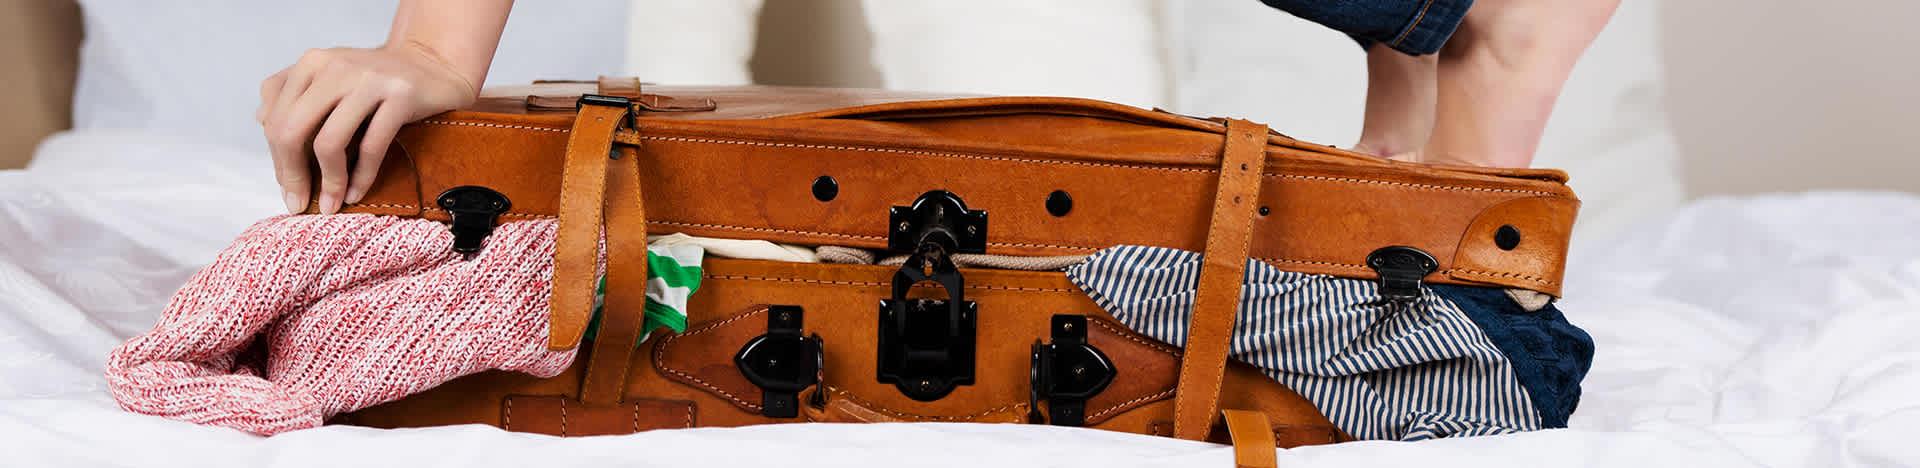 Einen übervollen Koffer, der sich nicht mehr schließen lässt.